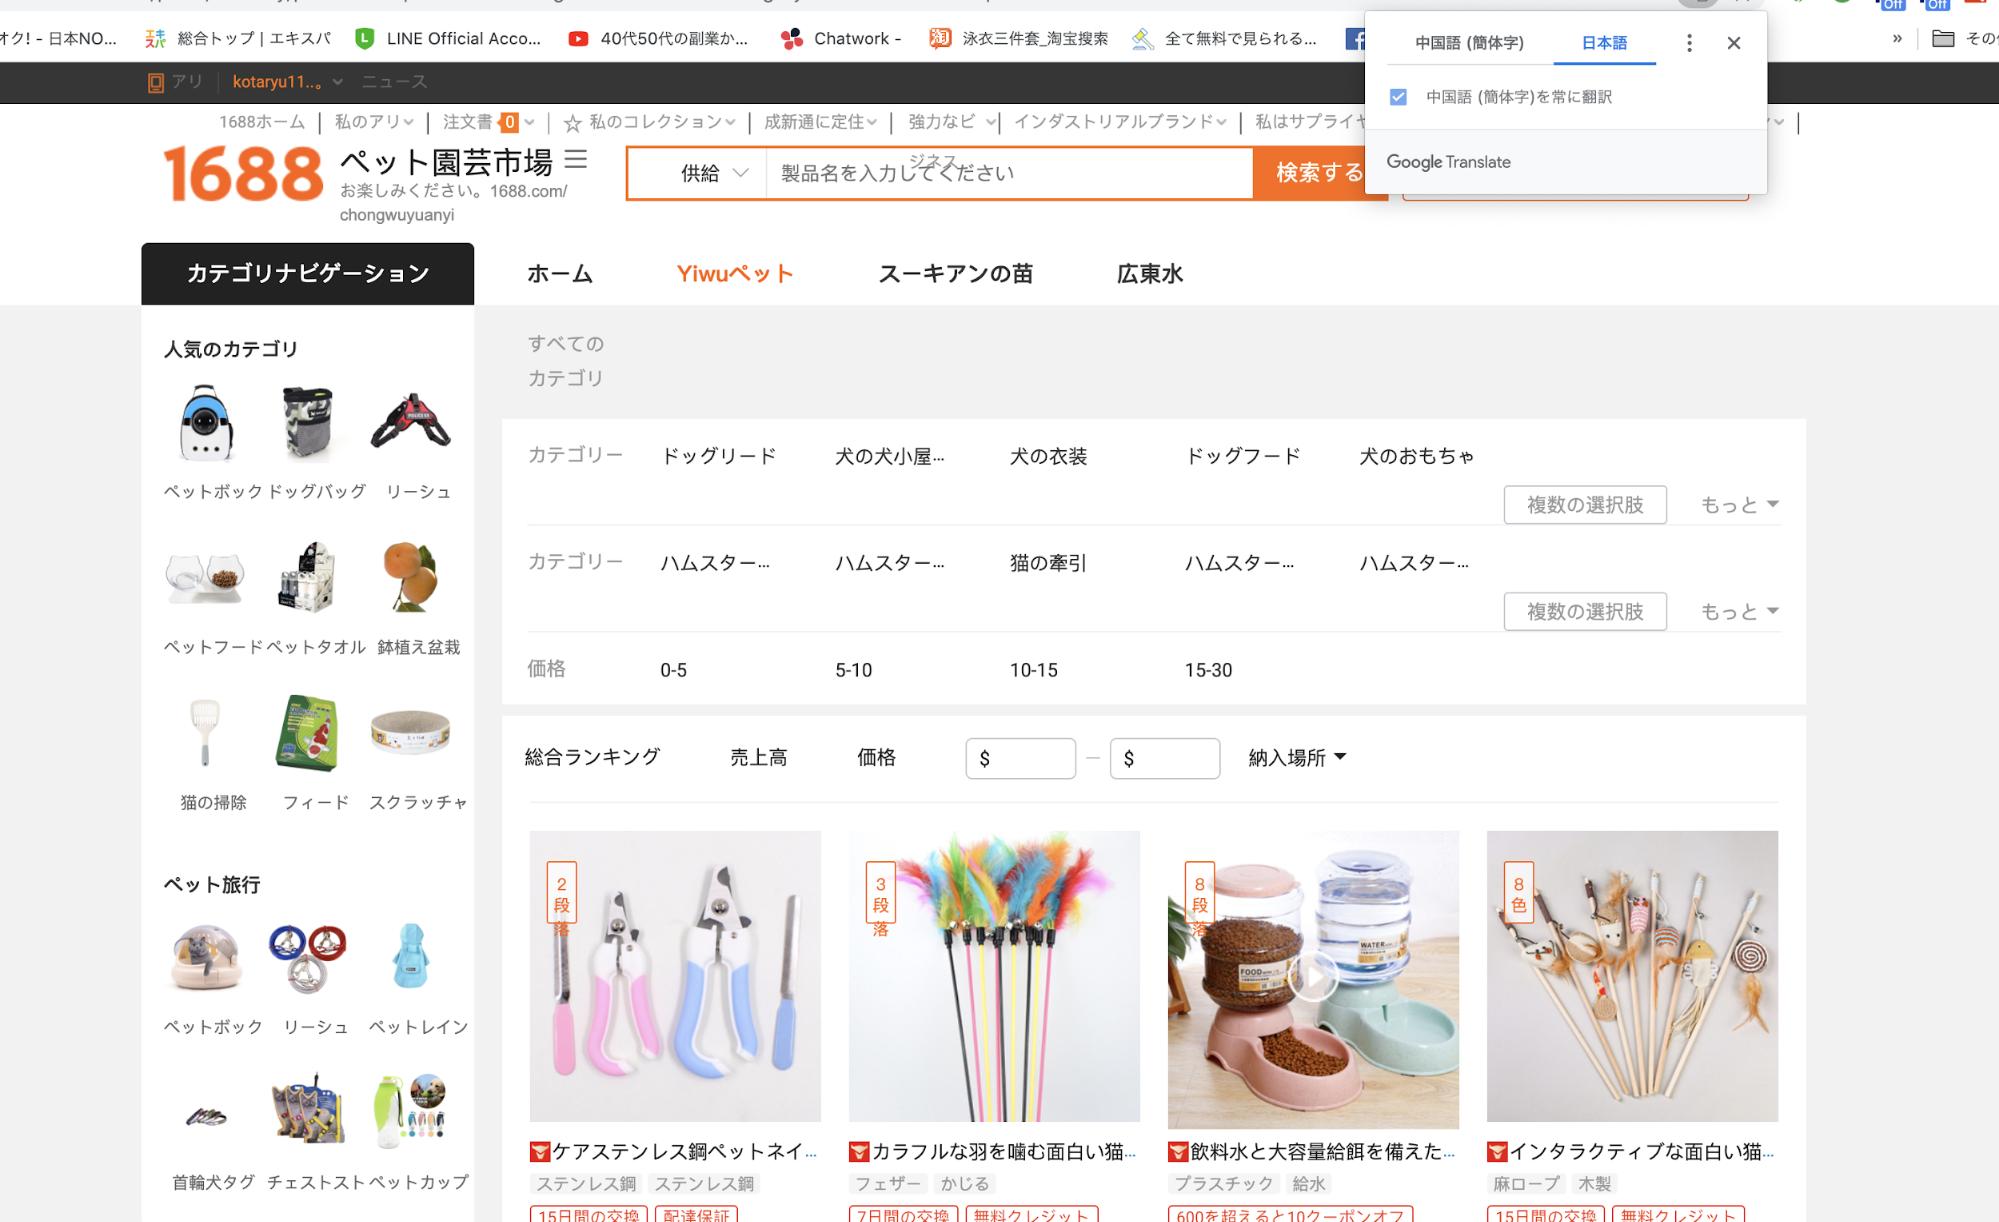 【アリババのリサーチ方法③】カテゴリーから商品を探す